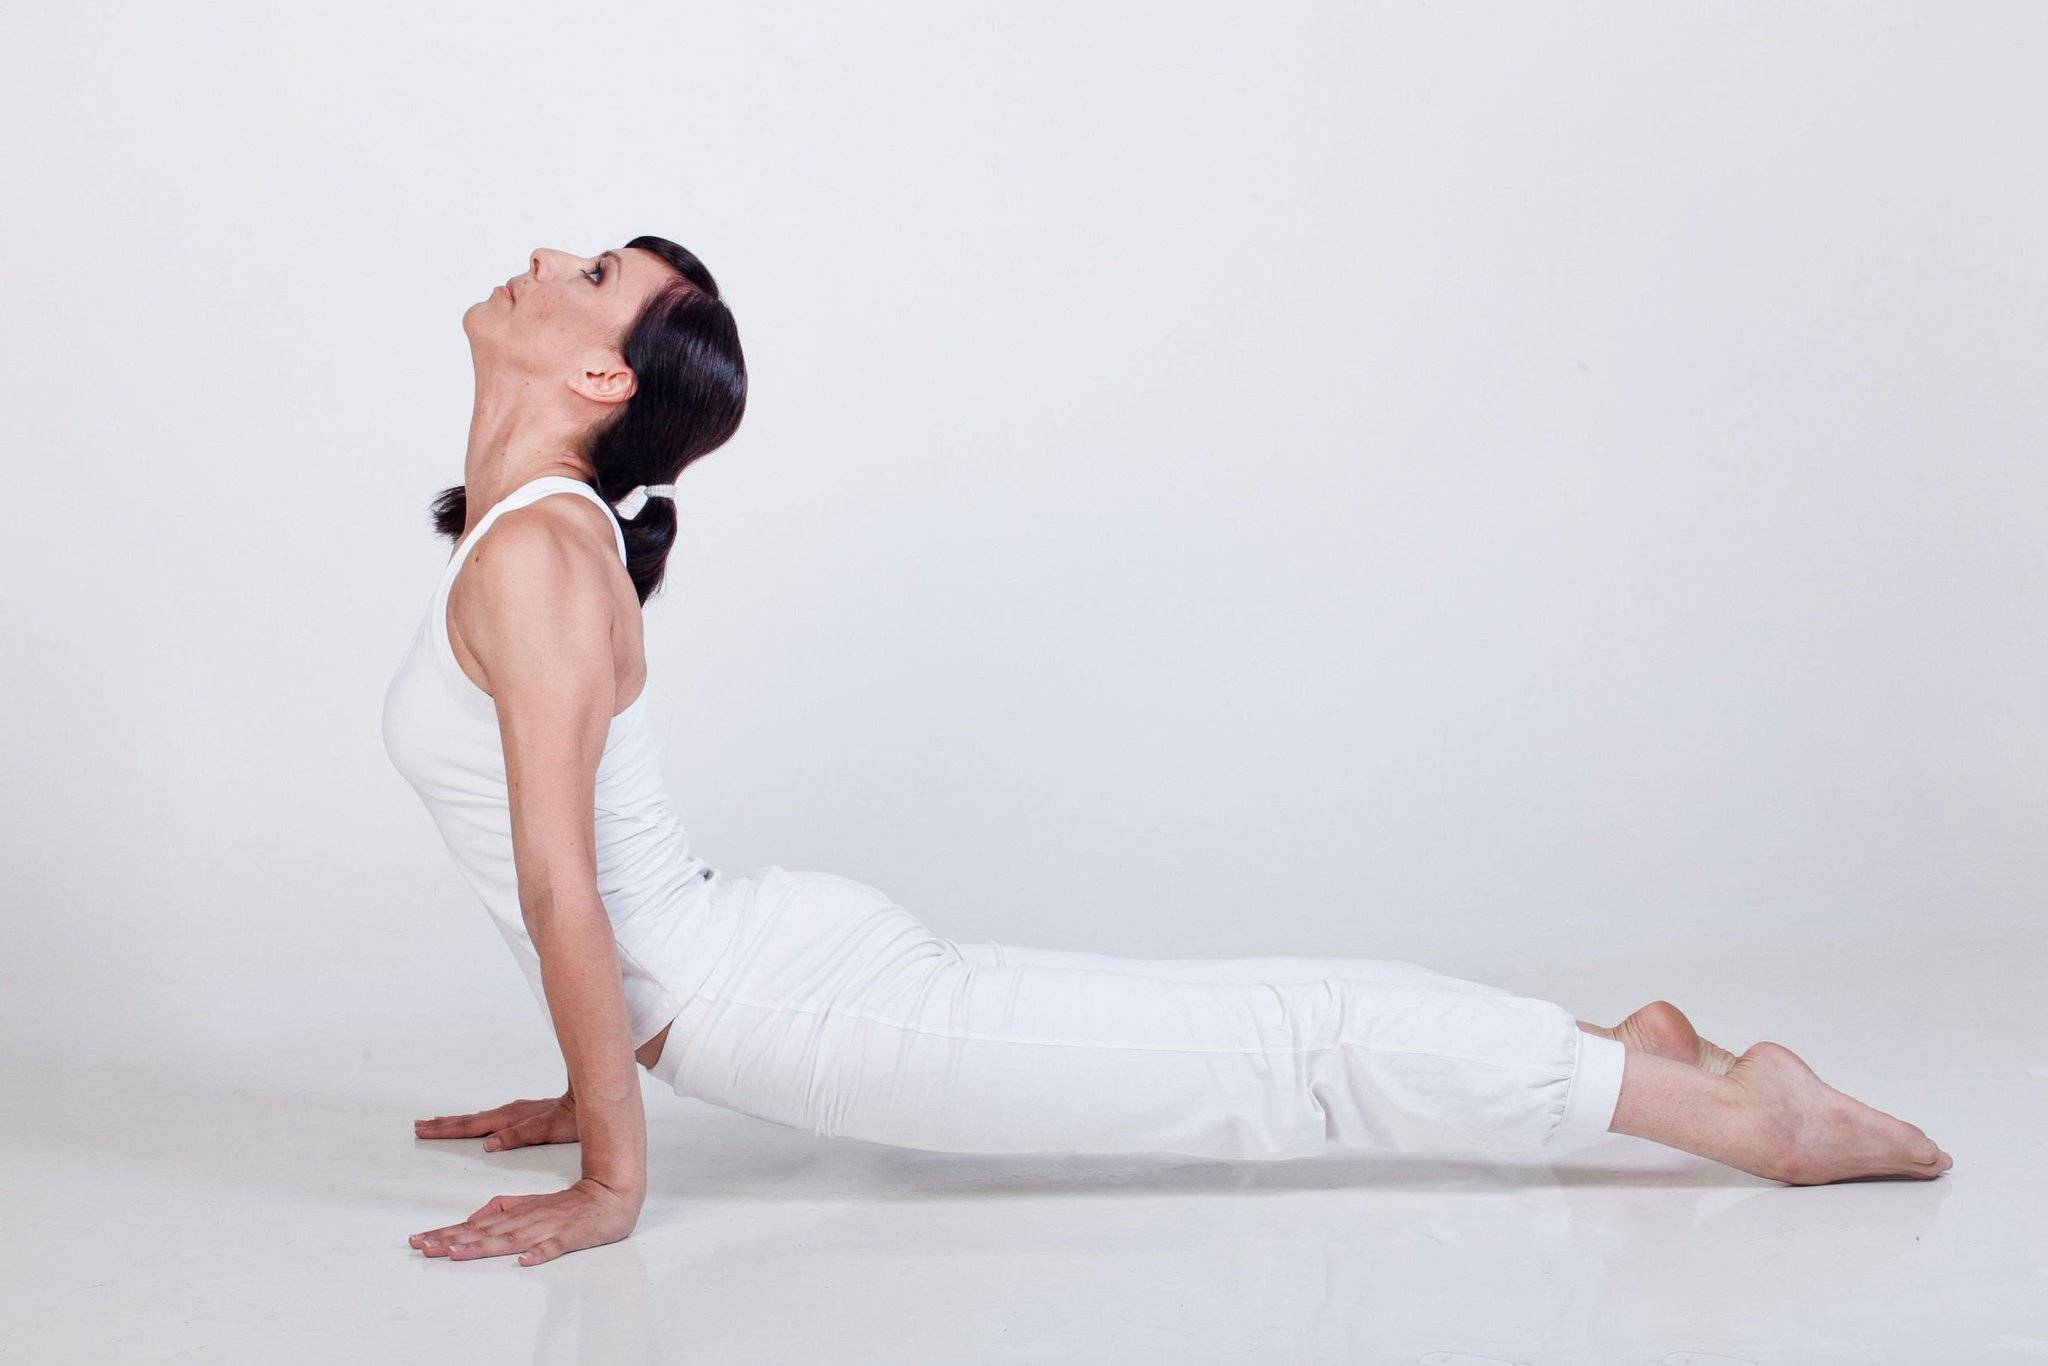 Йога для сна - что это, виды, упражнения, рекомендации, правила